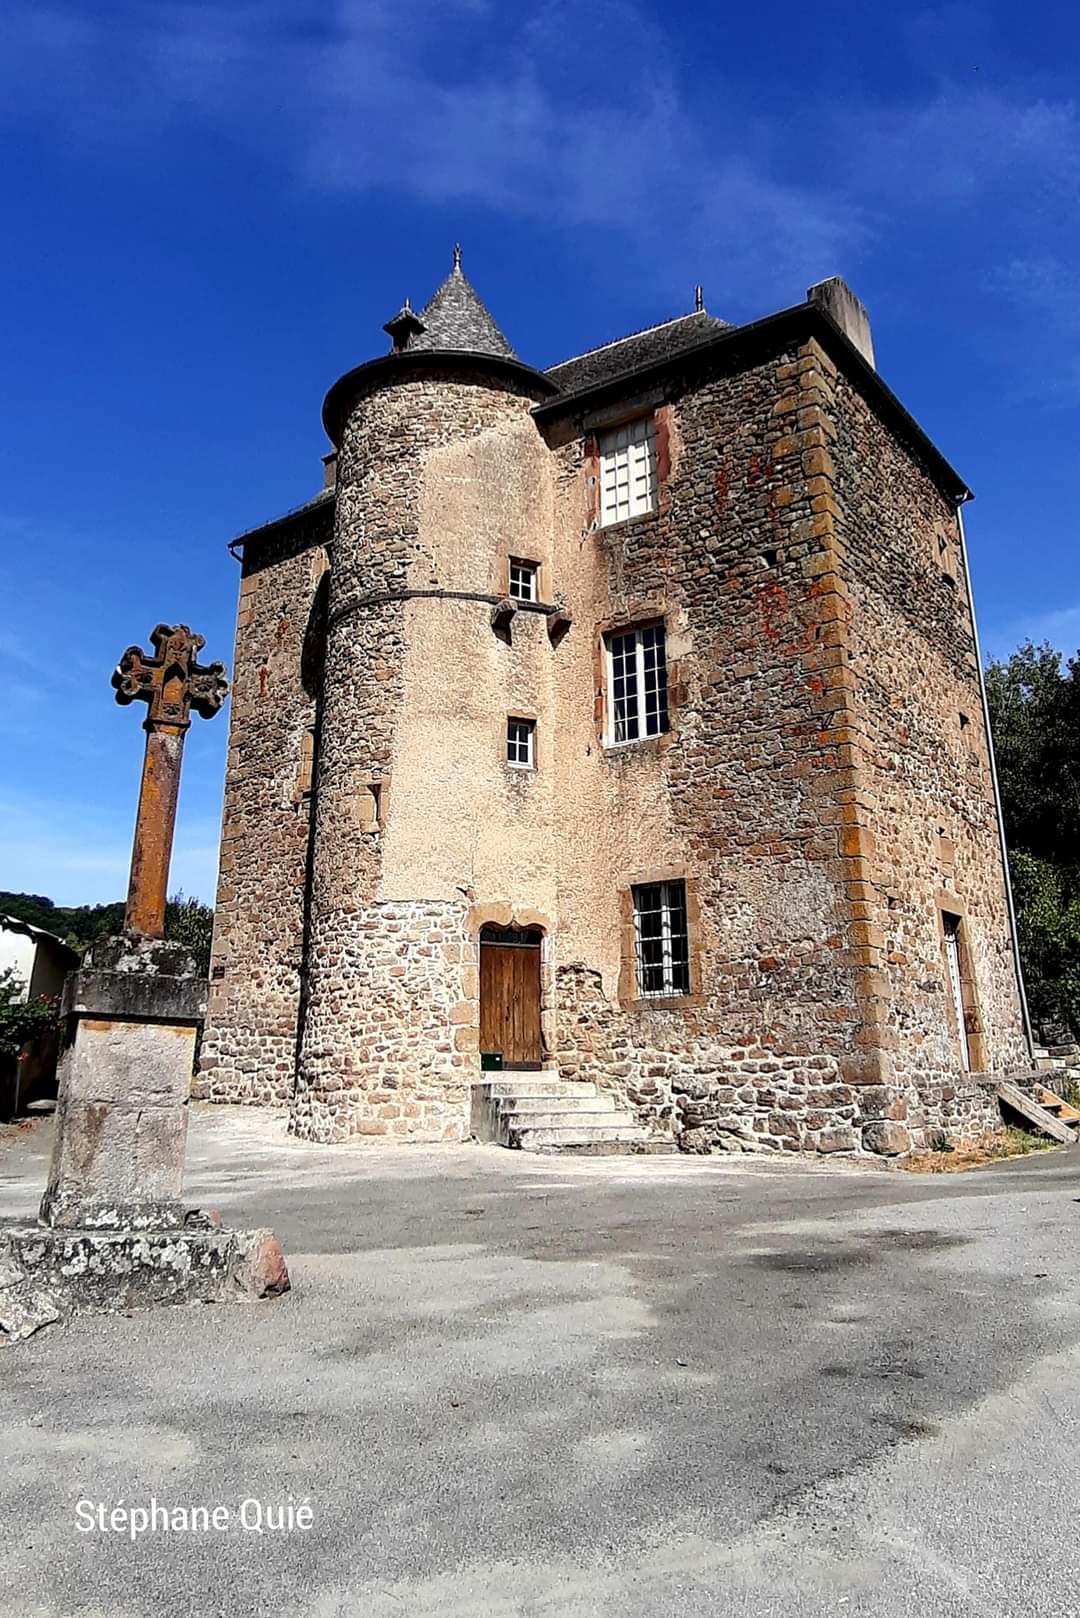 Le chateau de Rulhe